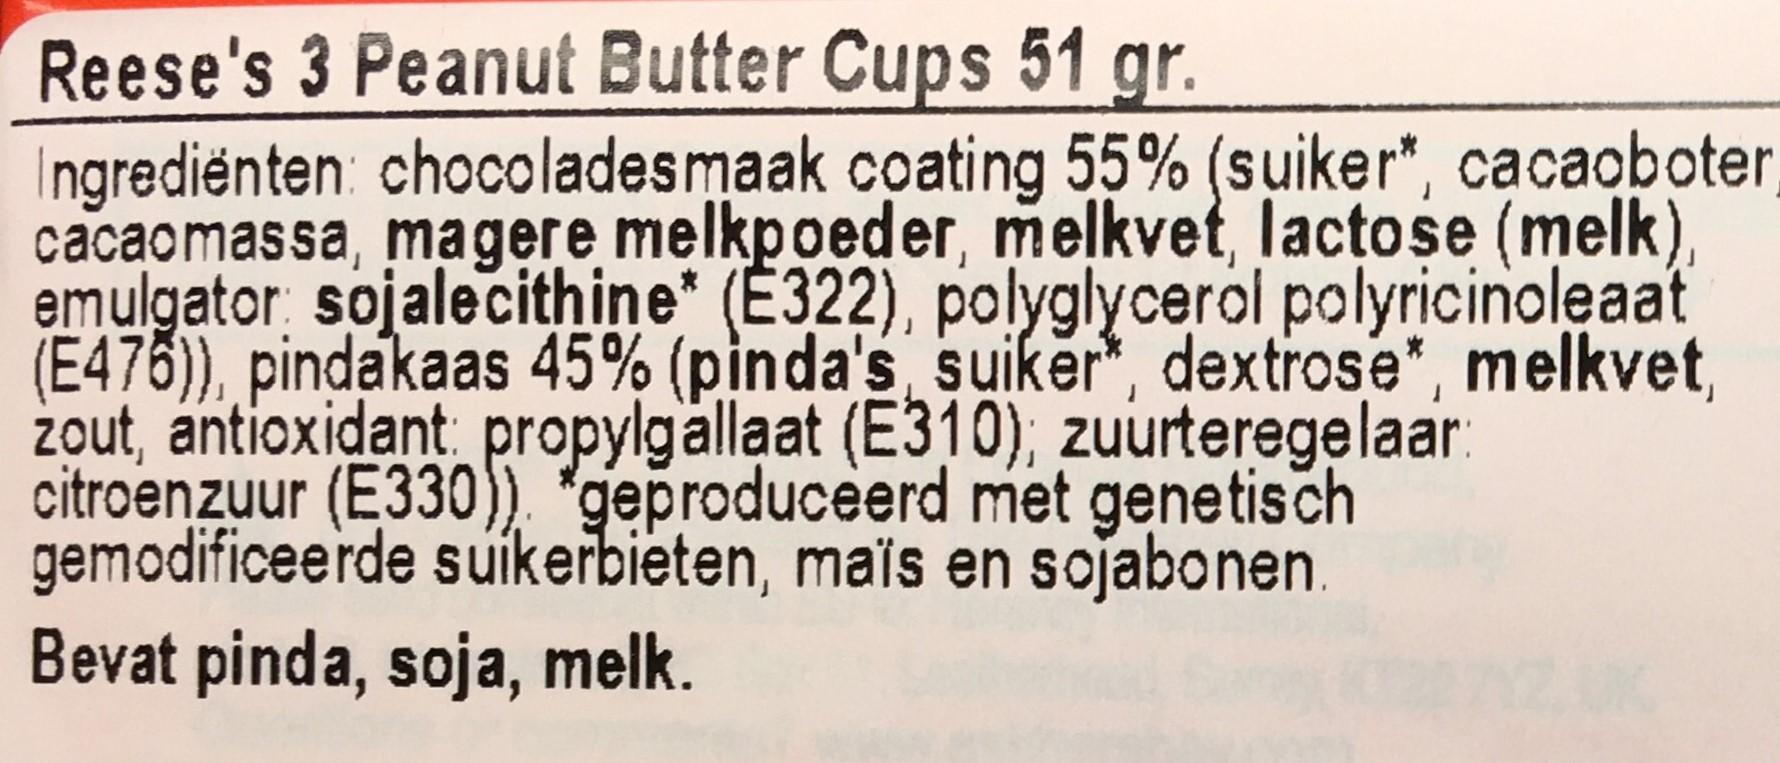 Goed etiket met GMO vermelding